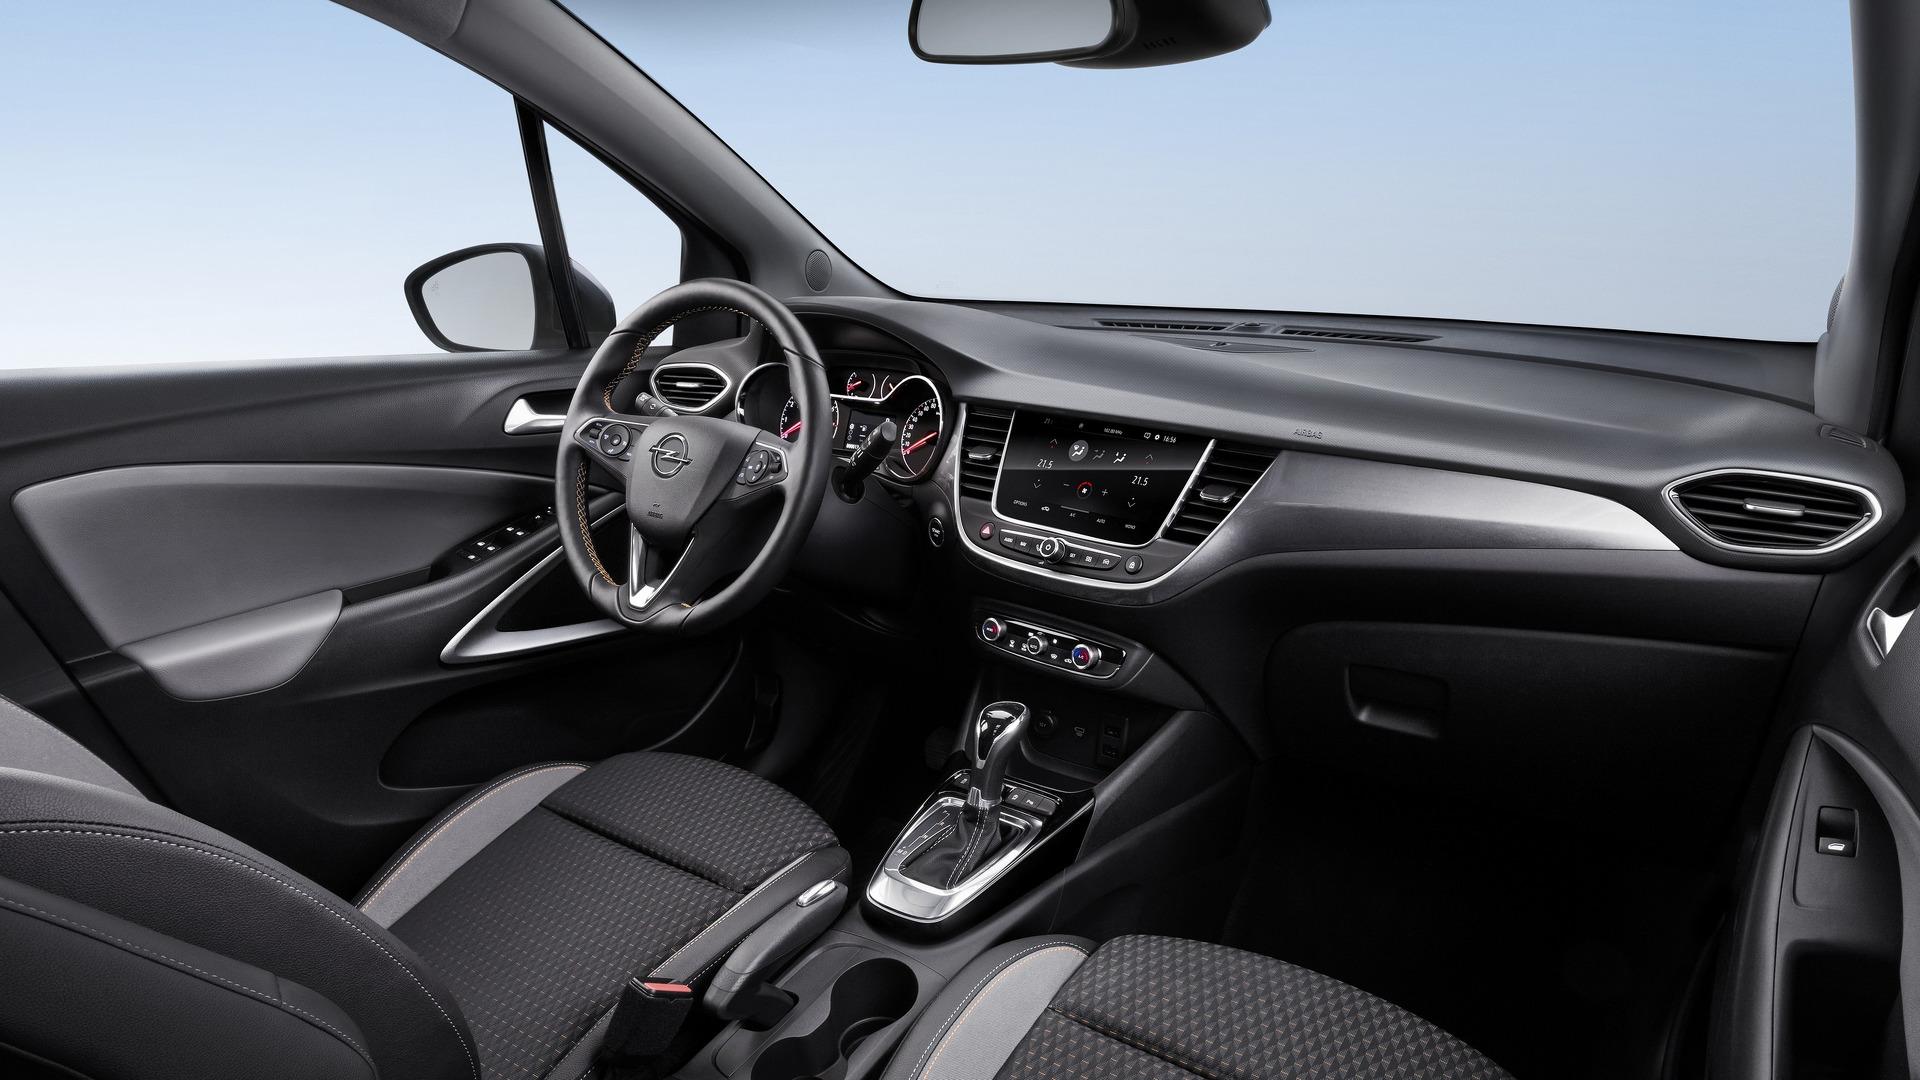 Кроссовер Opel Crossland X получит новую коробку передач 2